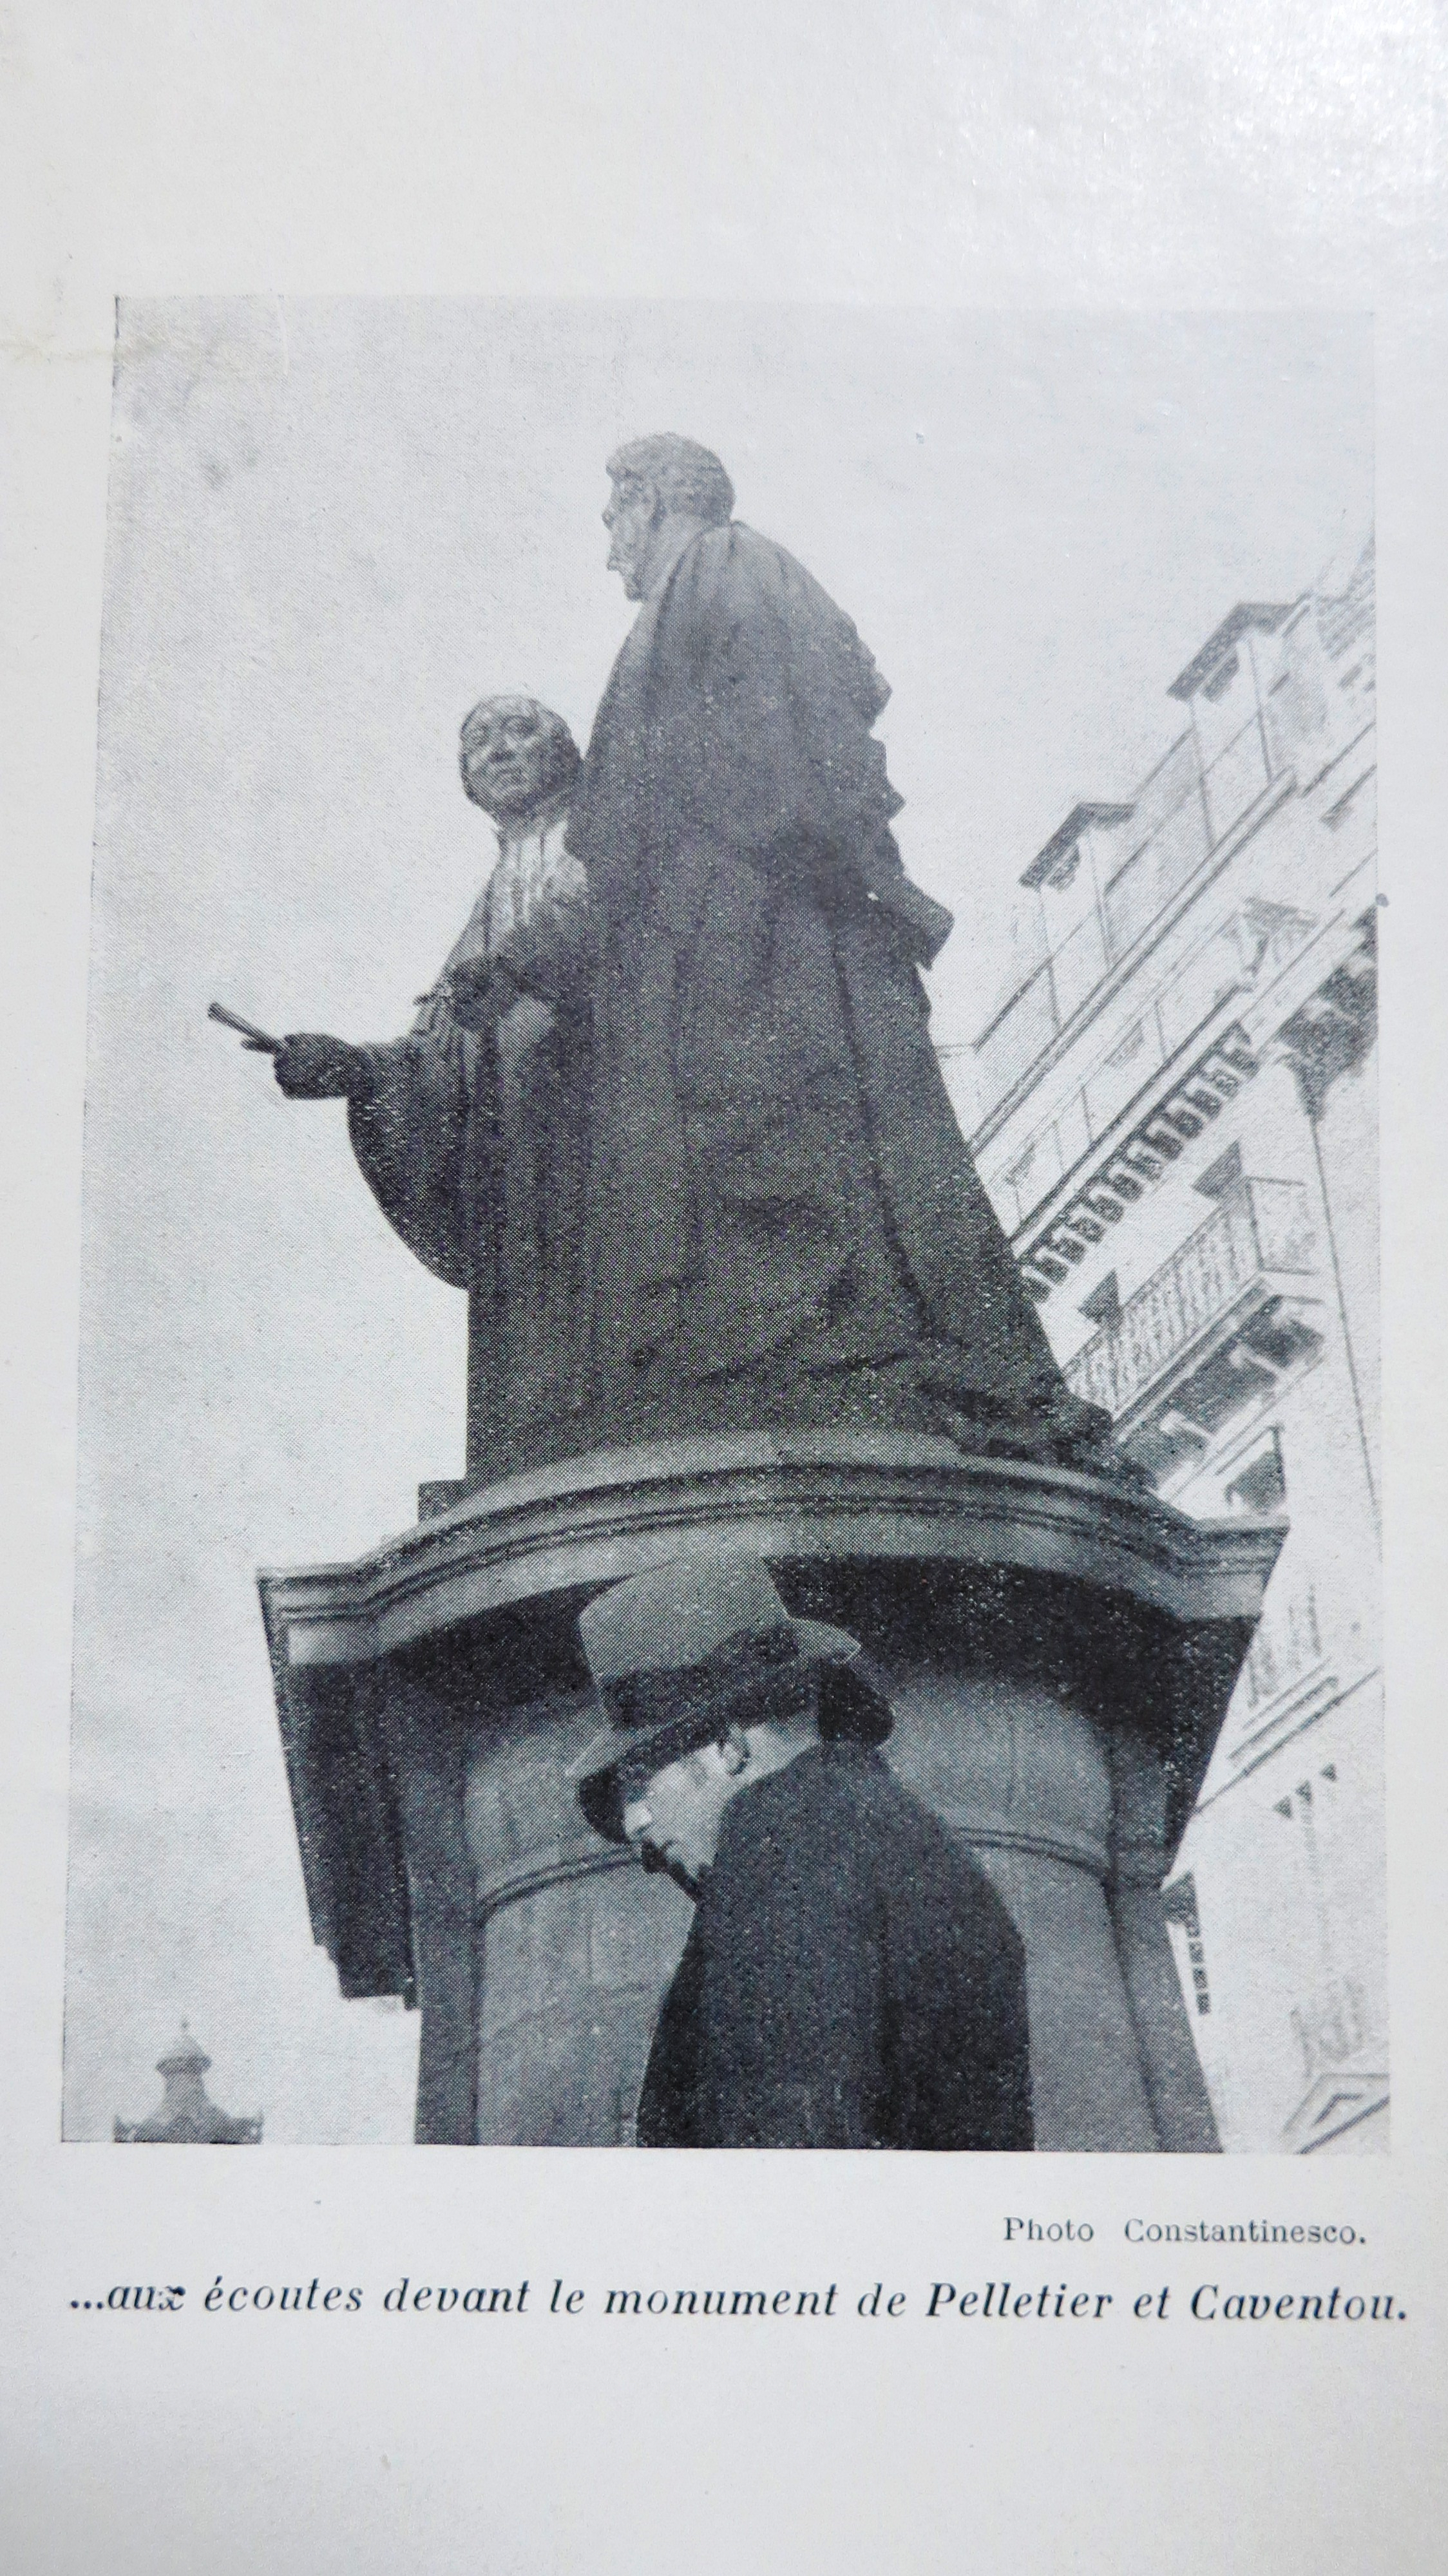 La fin de Paris ou la Révolte des statues